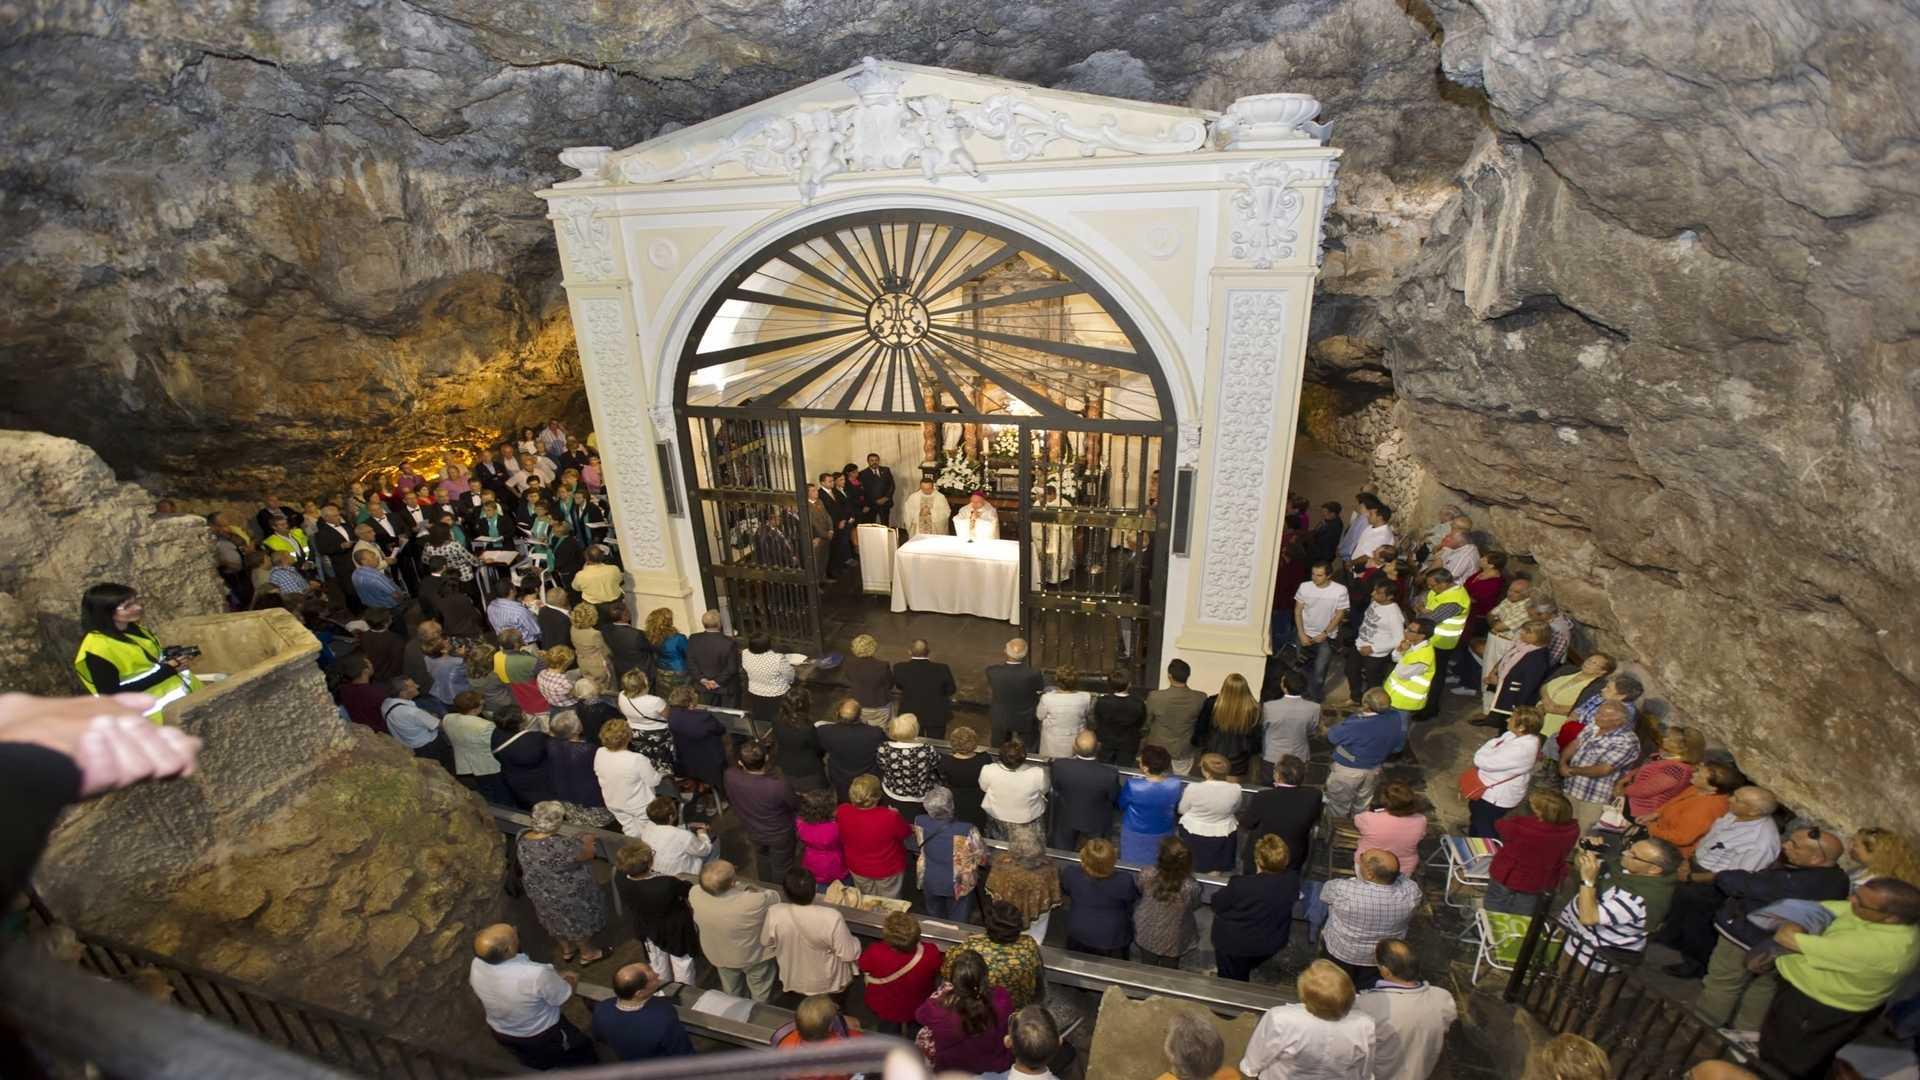 Pilgrimage to the Sanctuary of the Cueva Santa